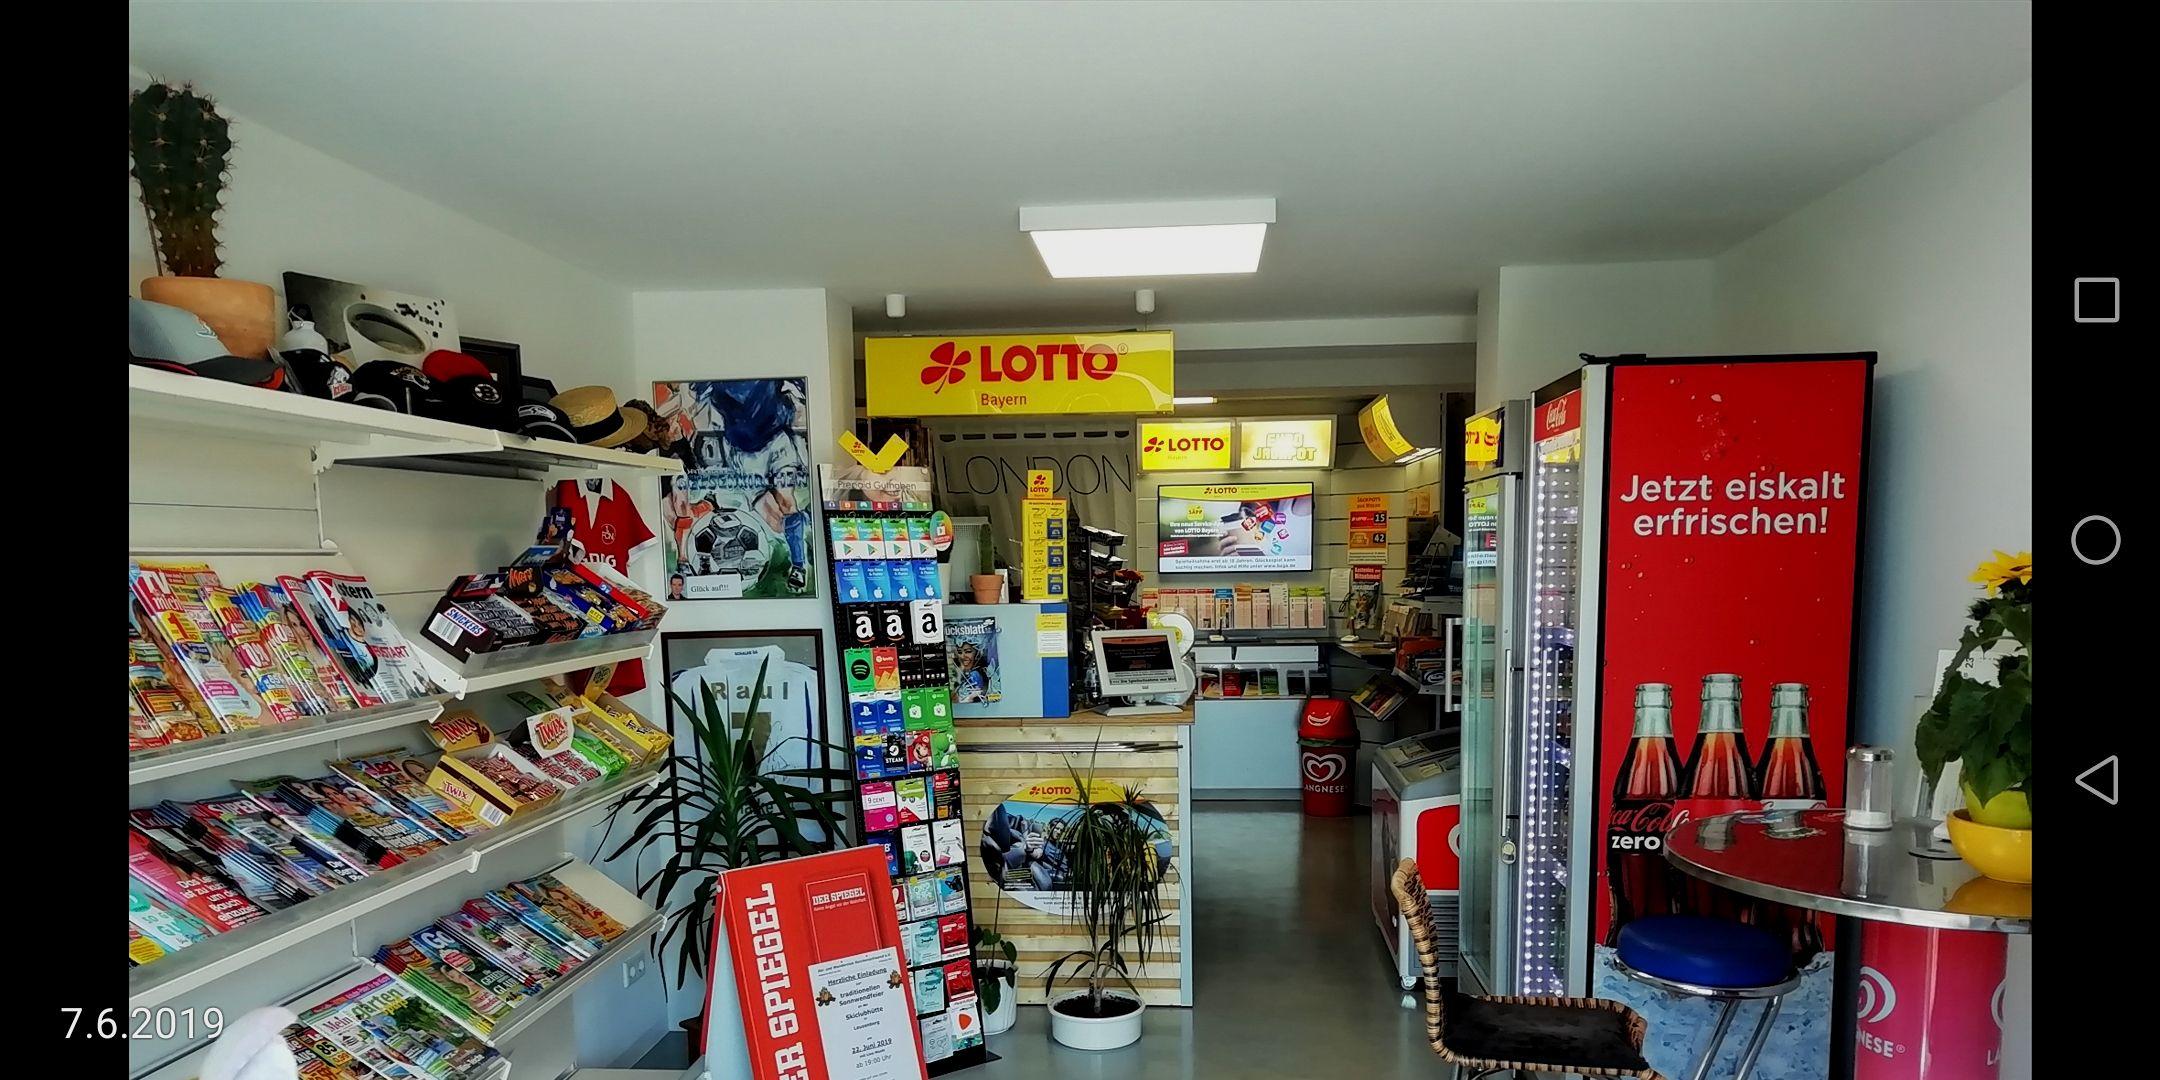 Limbo's Lotto-Laden